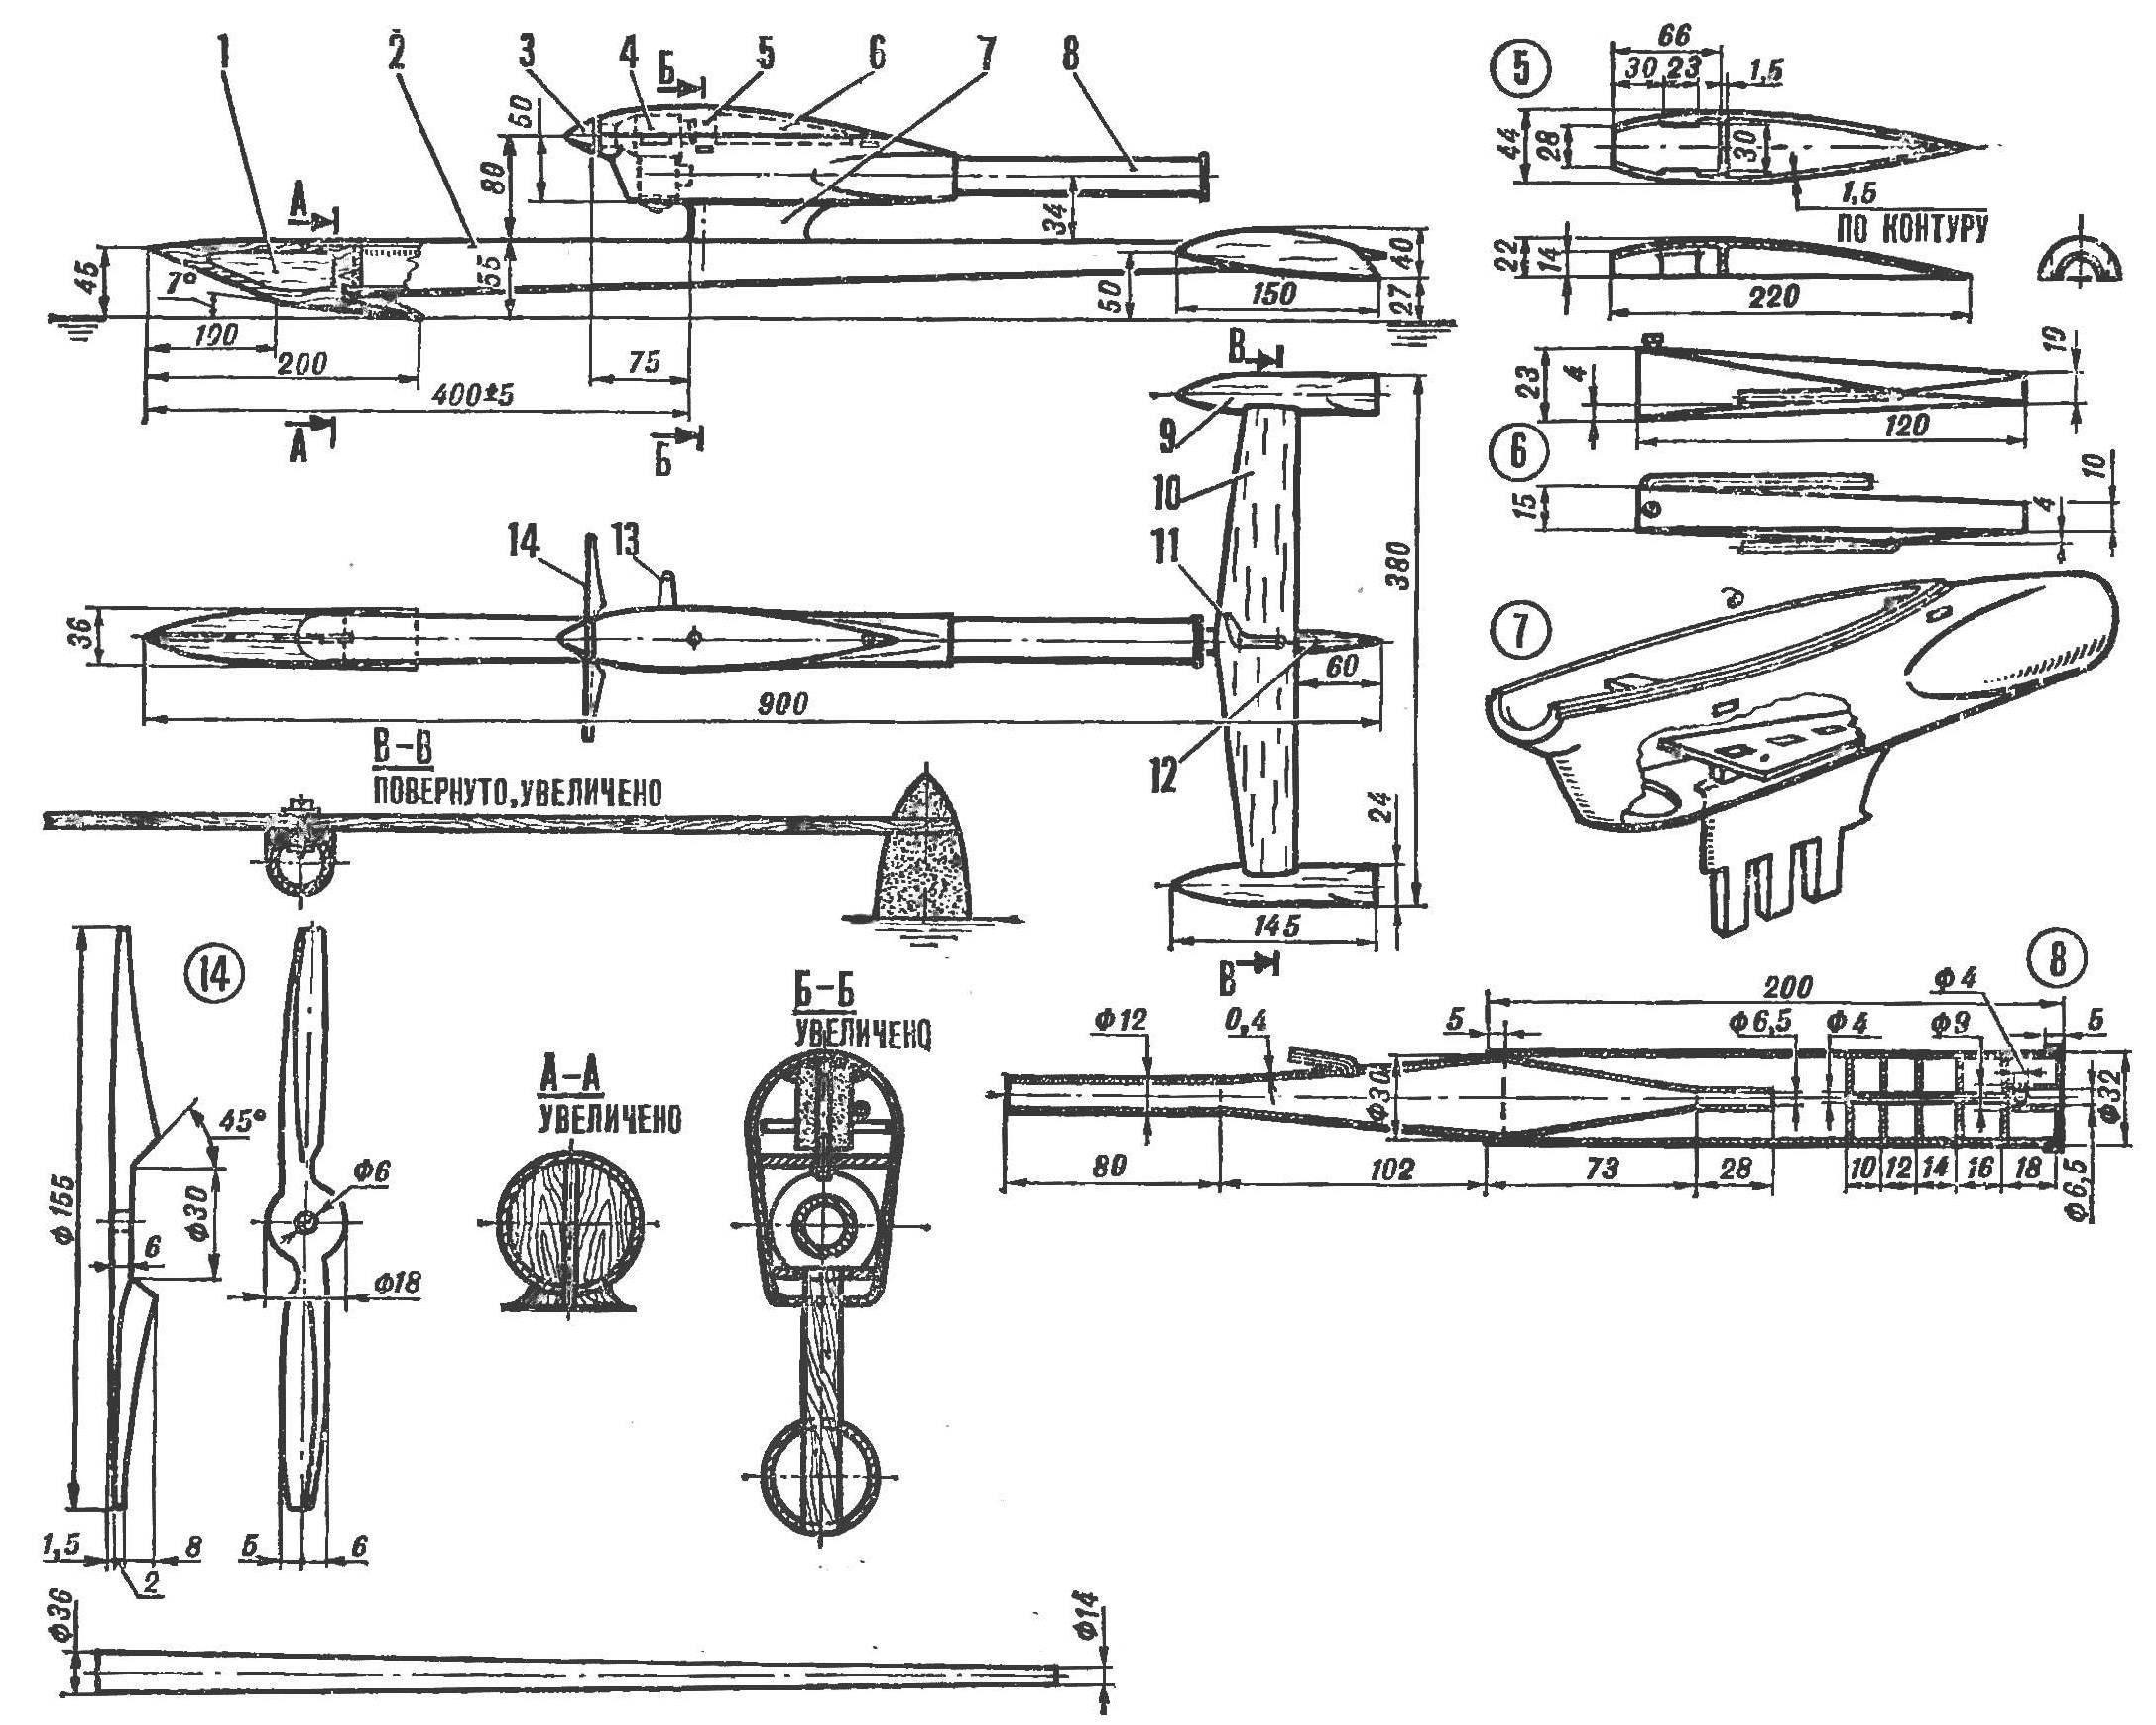 Кордовый аэроглиссер класса В1